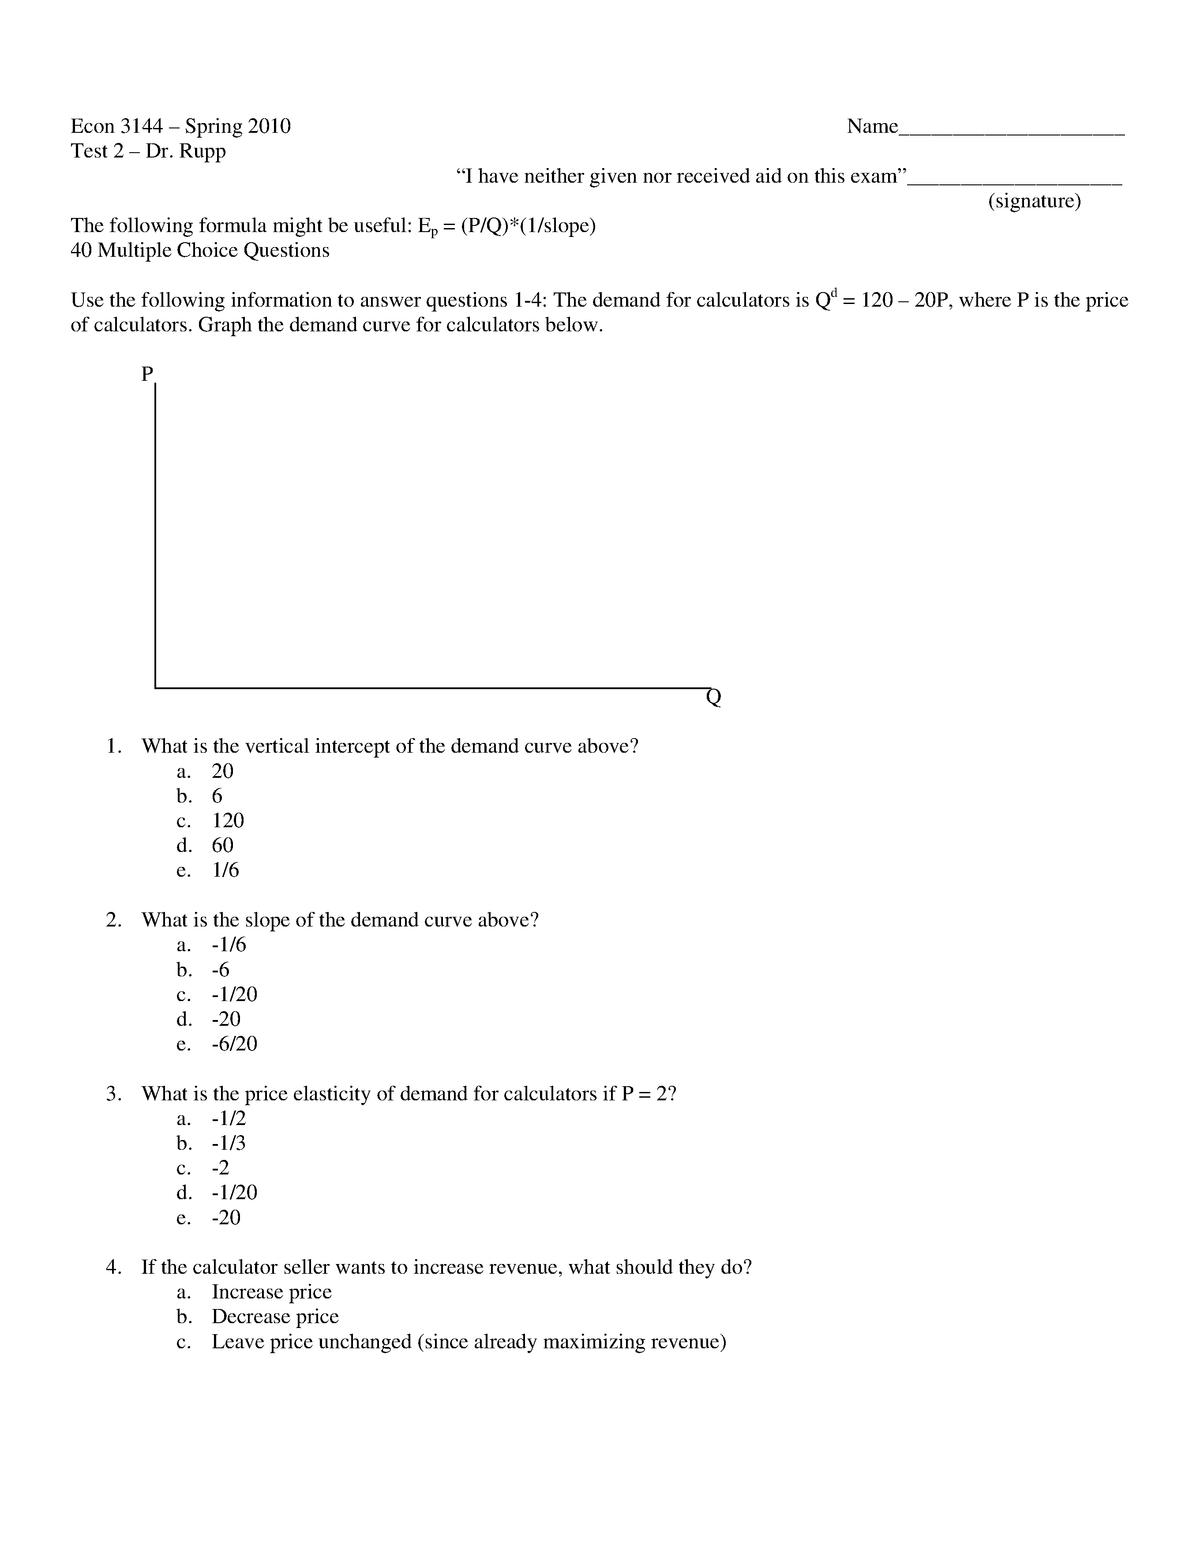 Exam 2010 - ECON 3144: Intermediate Microeconomics - StuDocu